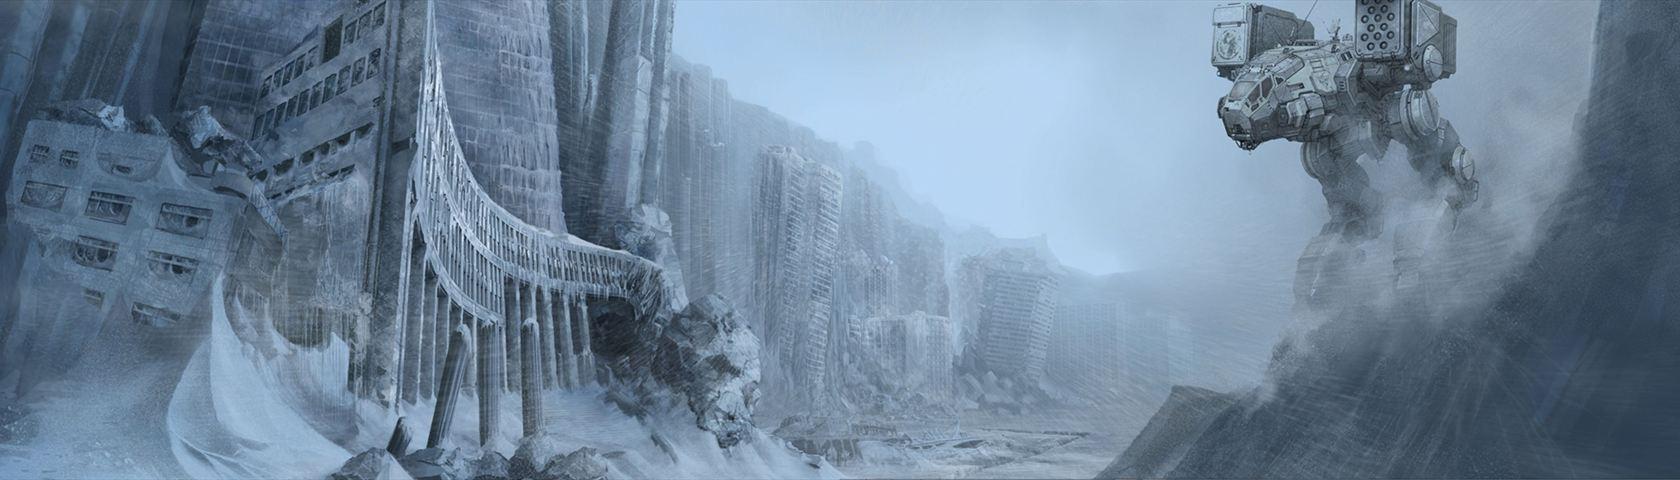 MechWarrior Frozen City